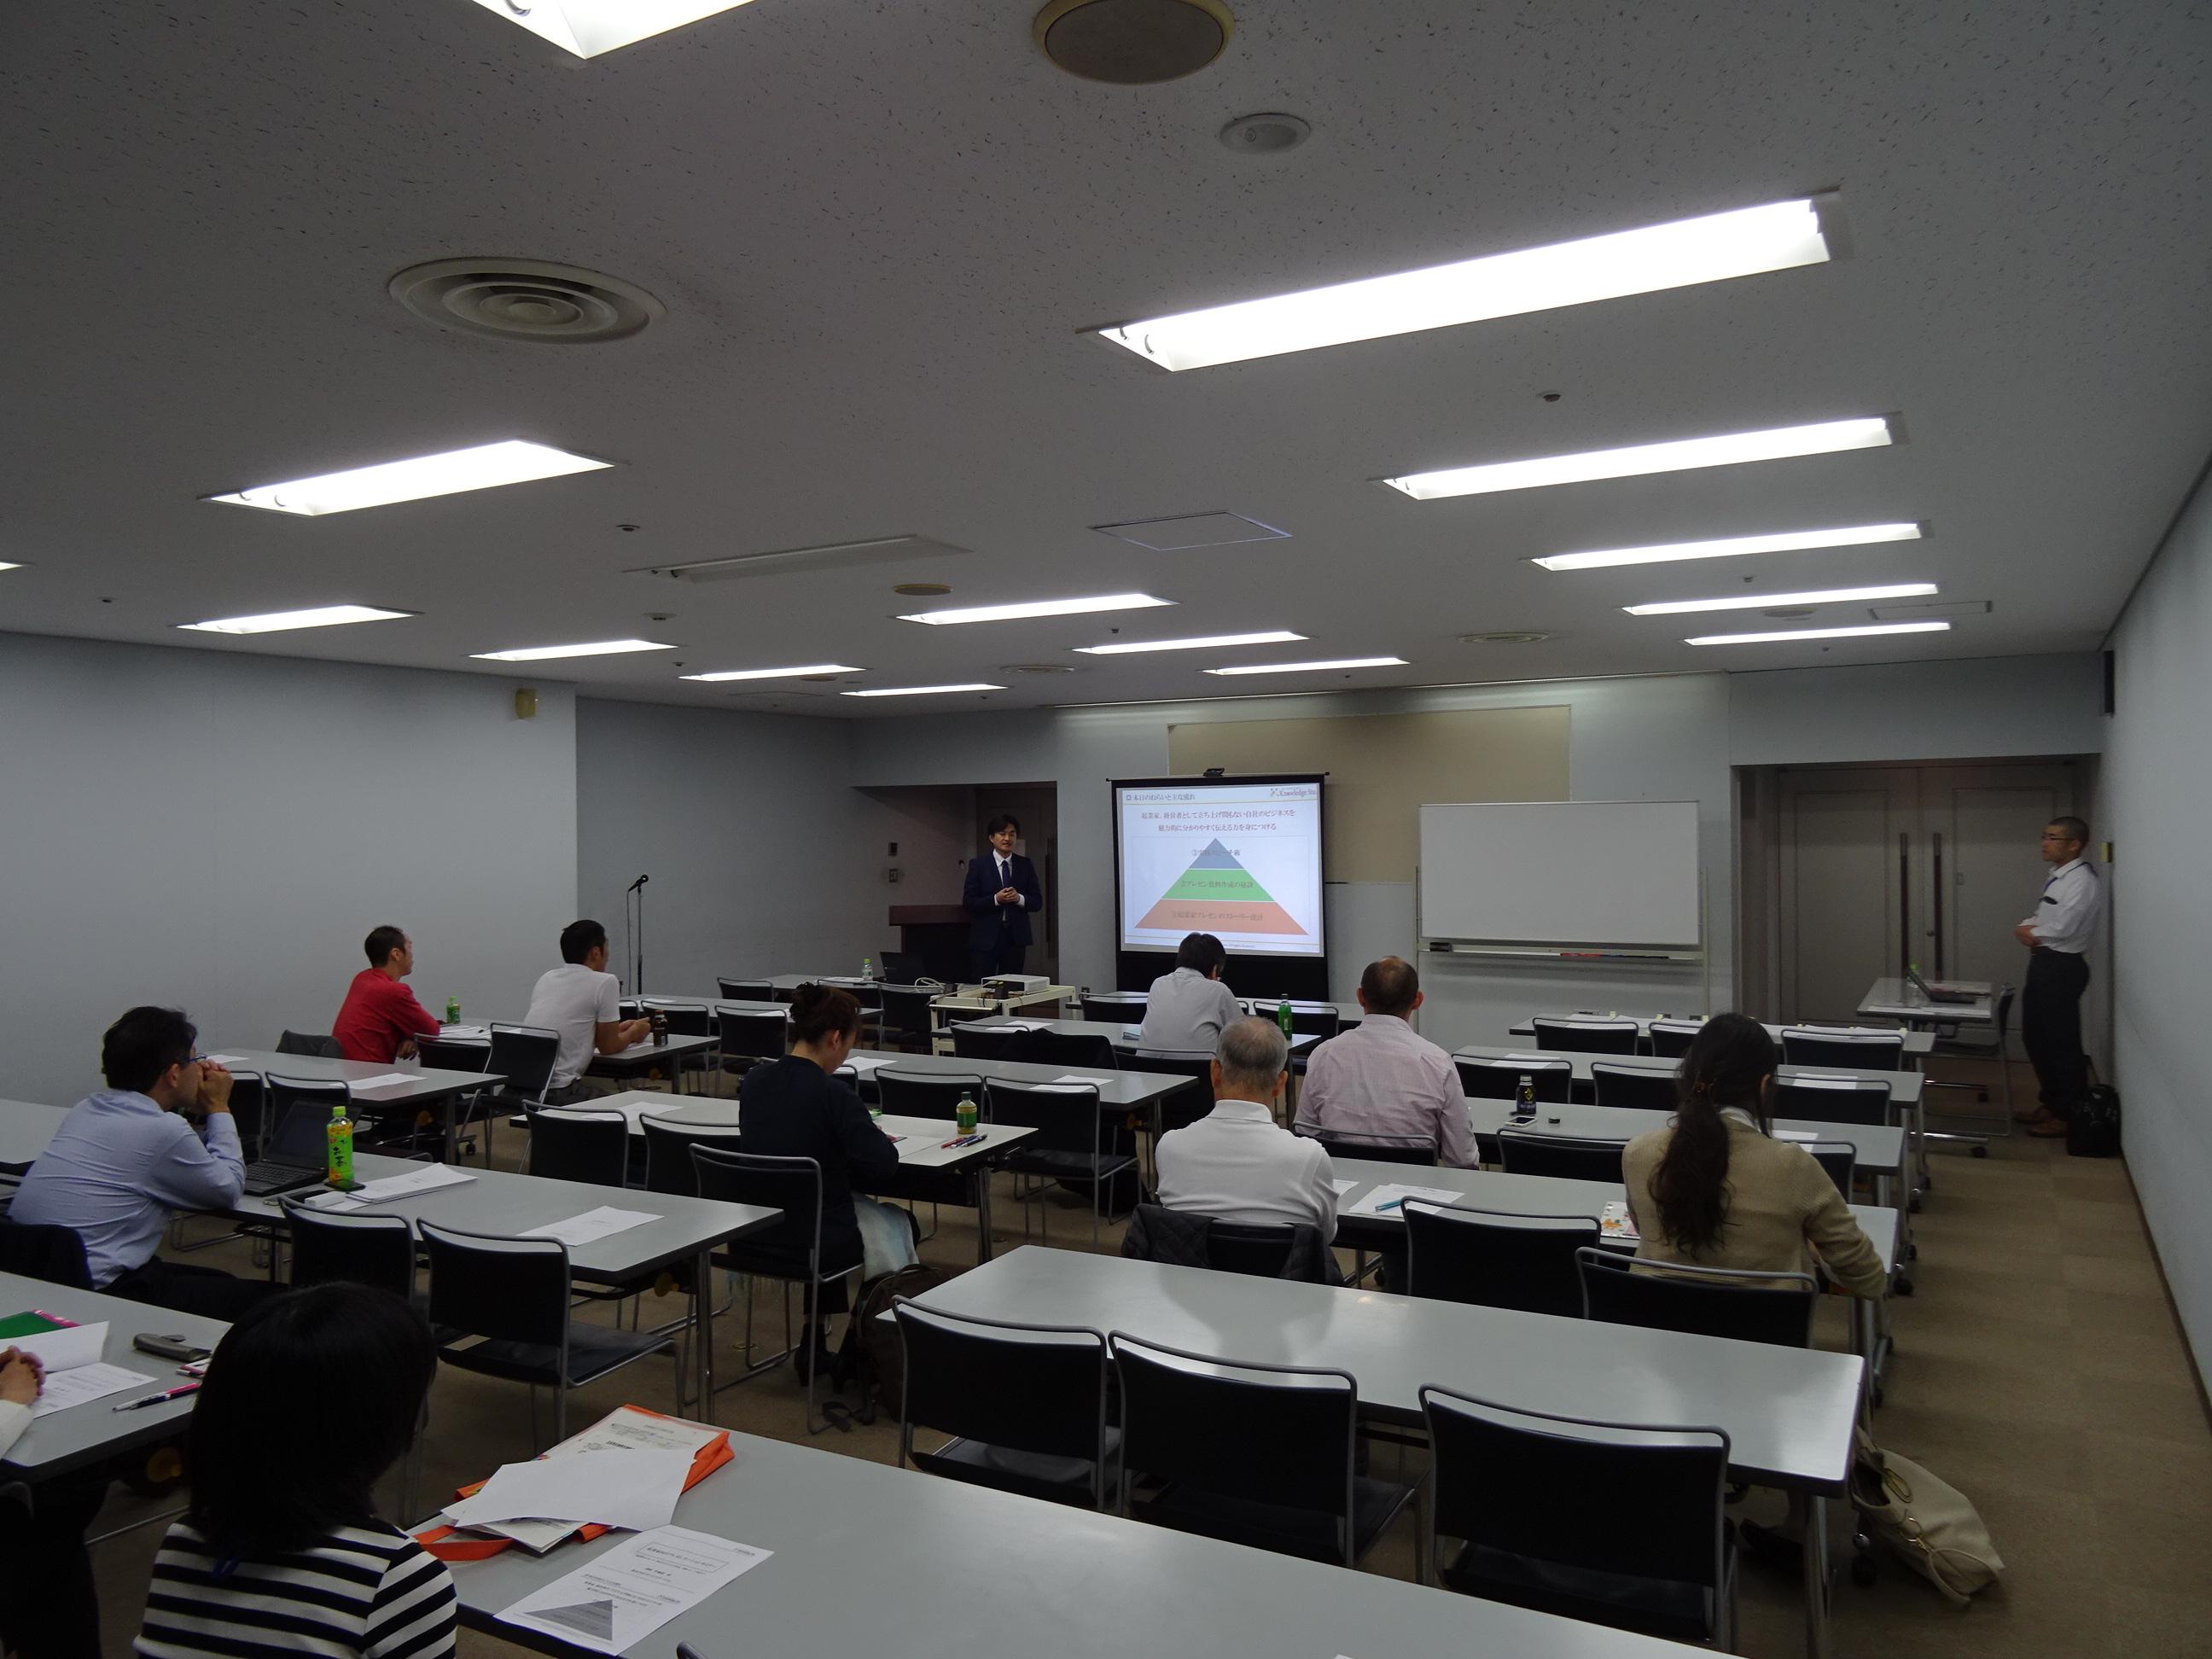 【北区】起業家向けプレゼンテーションセミナー画像03